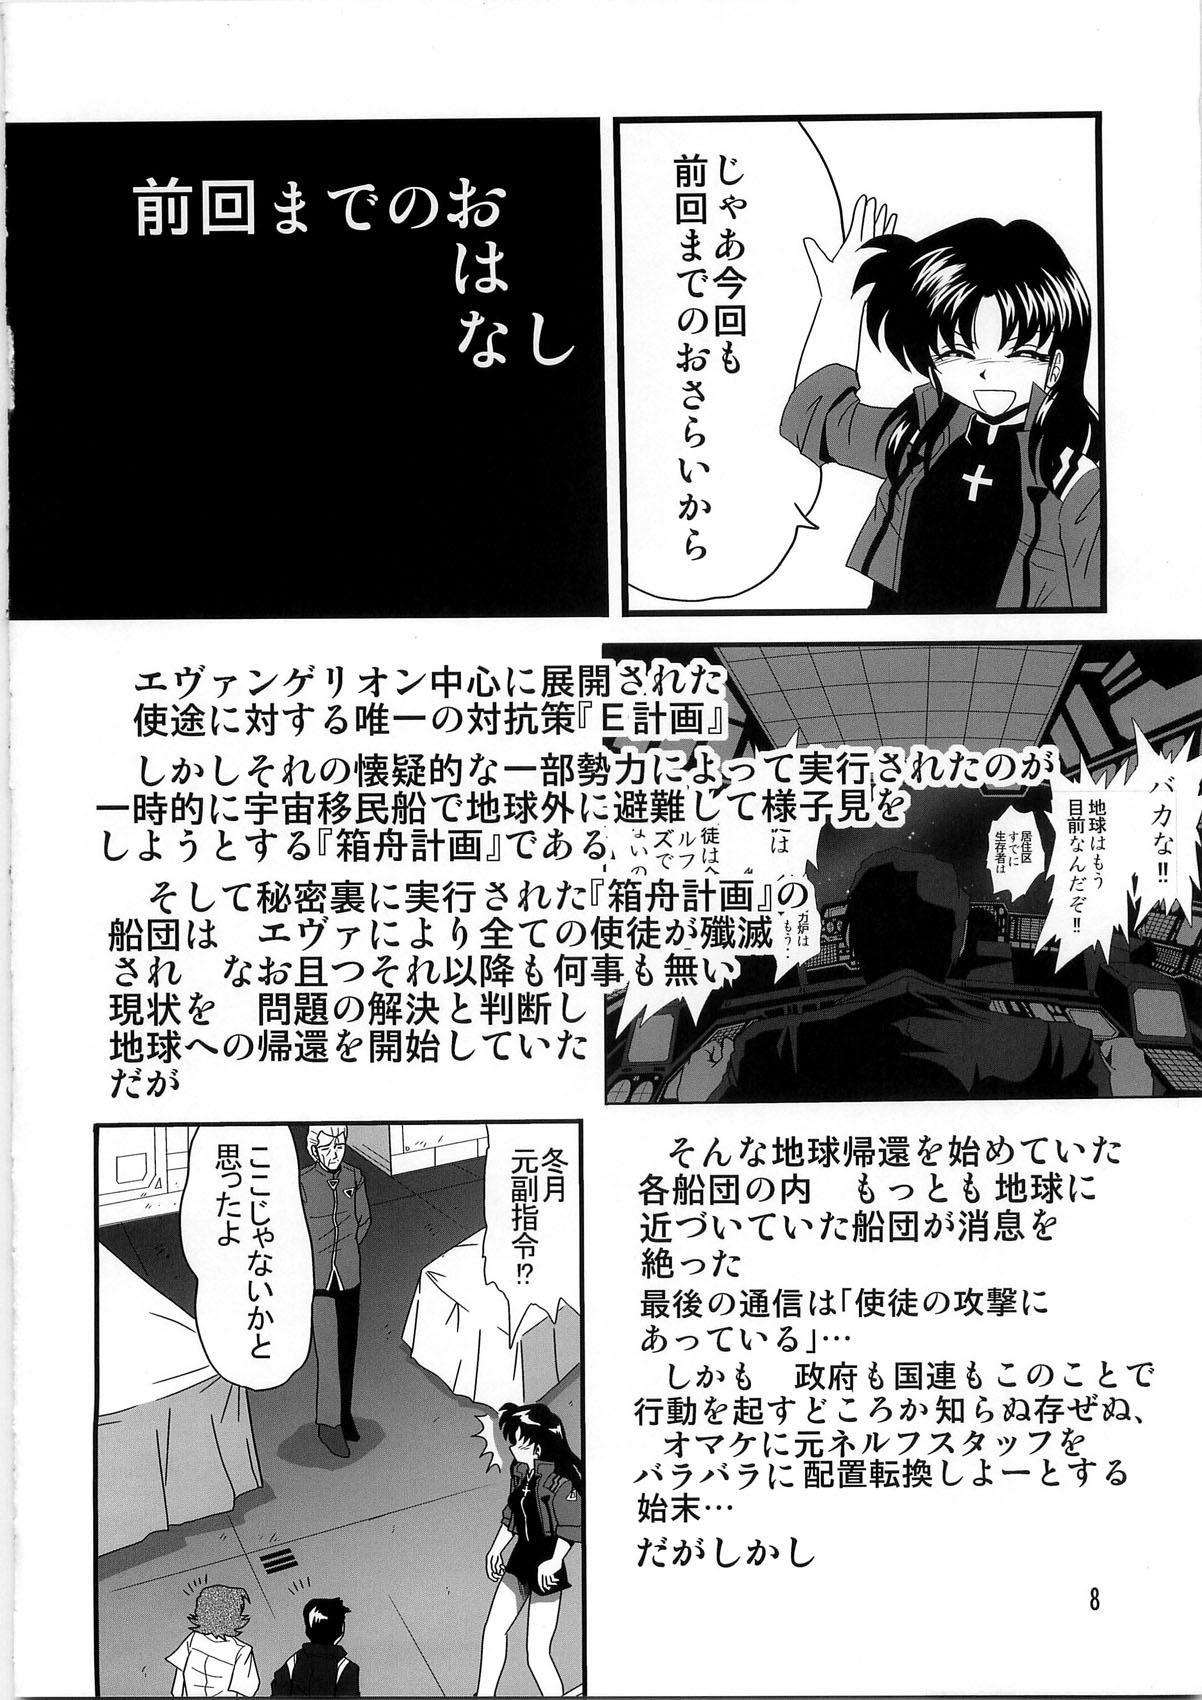 Second Uchuu Keikaku 4 7